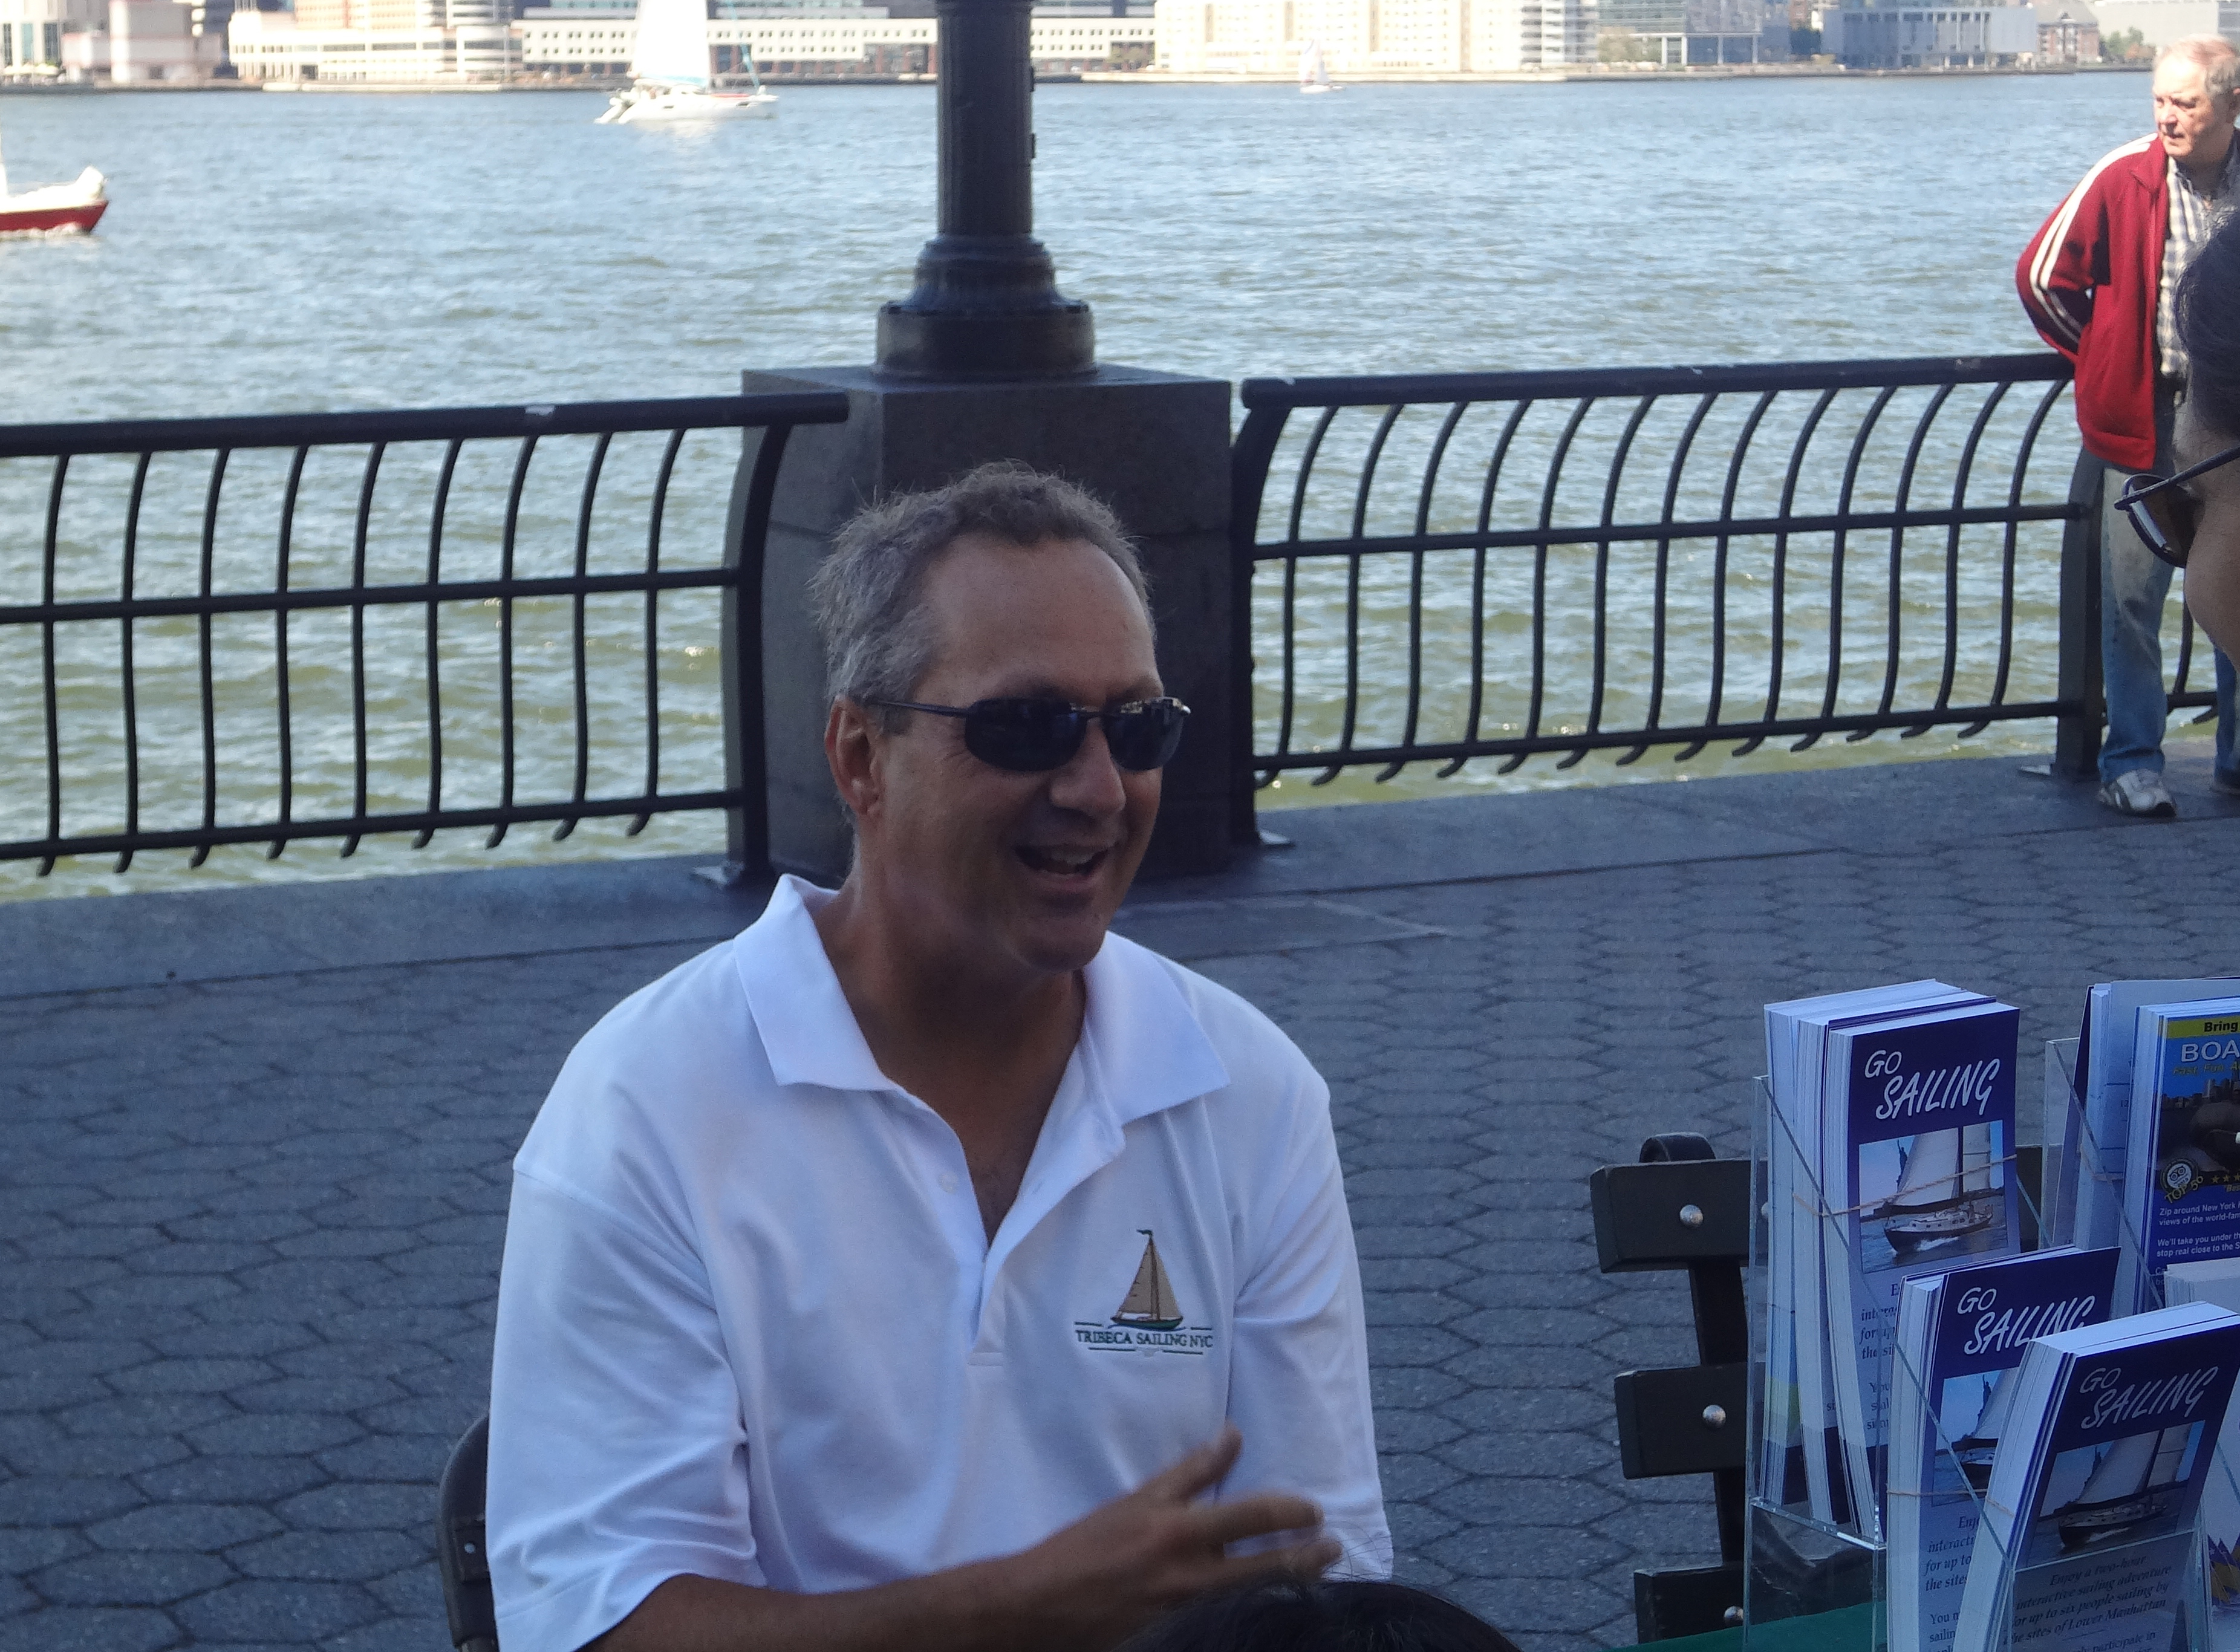 Tribeca sailing Captain